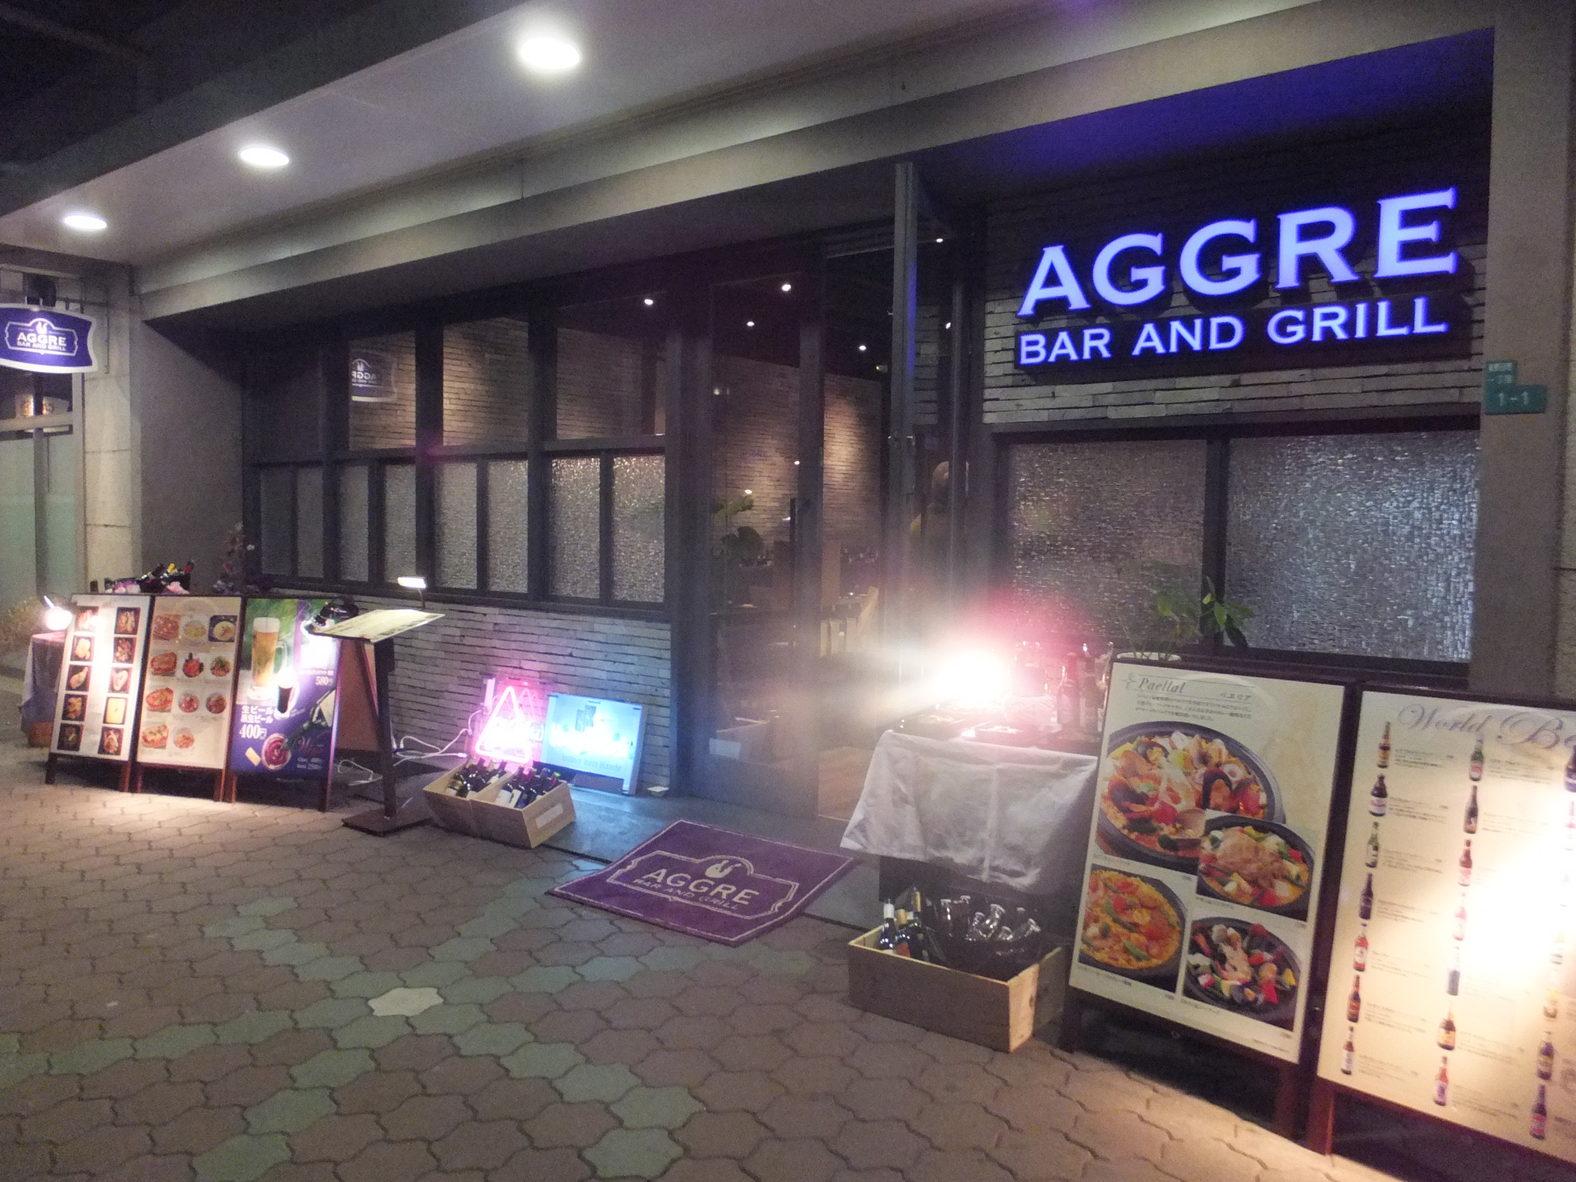 アグレバーアンドグリル 京橋店